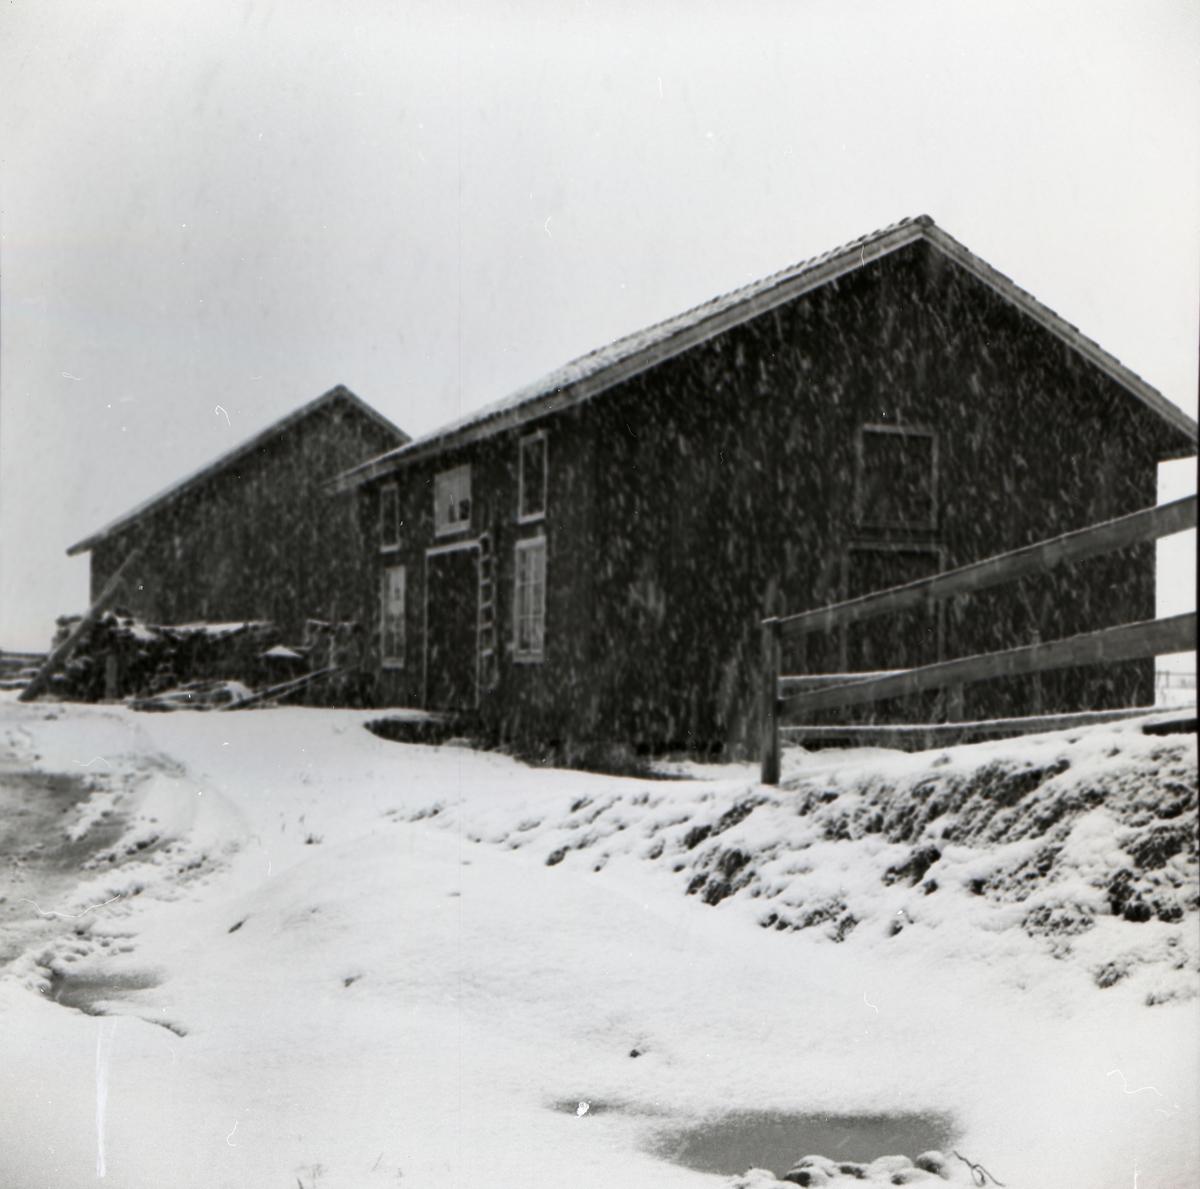 Snöfall vid två byggnader, varav den ena är ett slakteri, i december 1955.